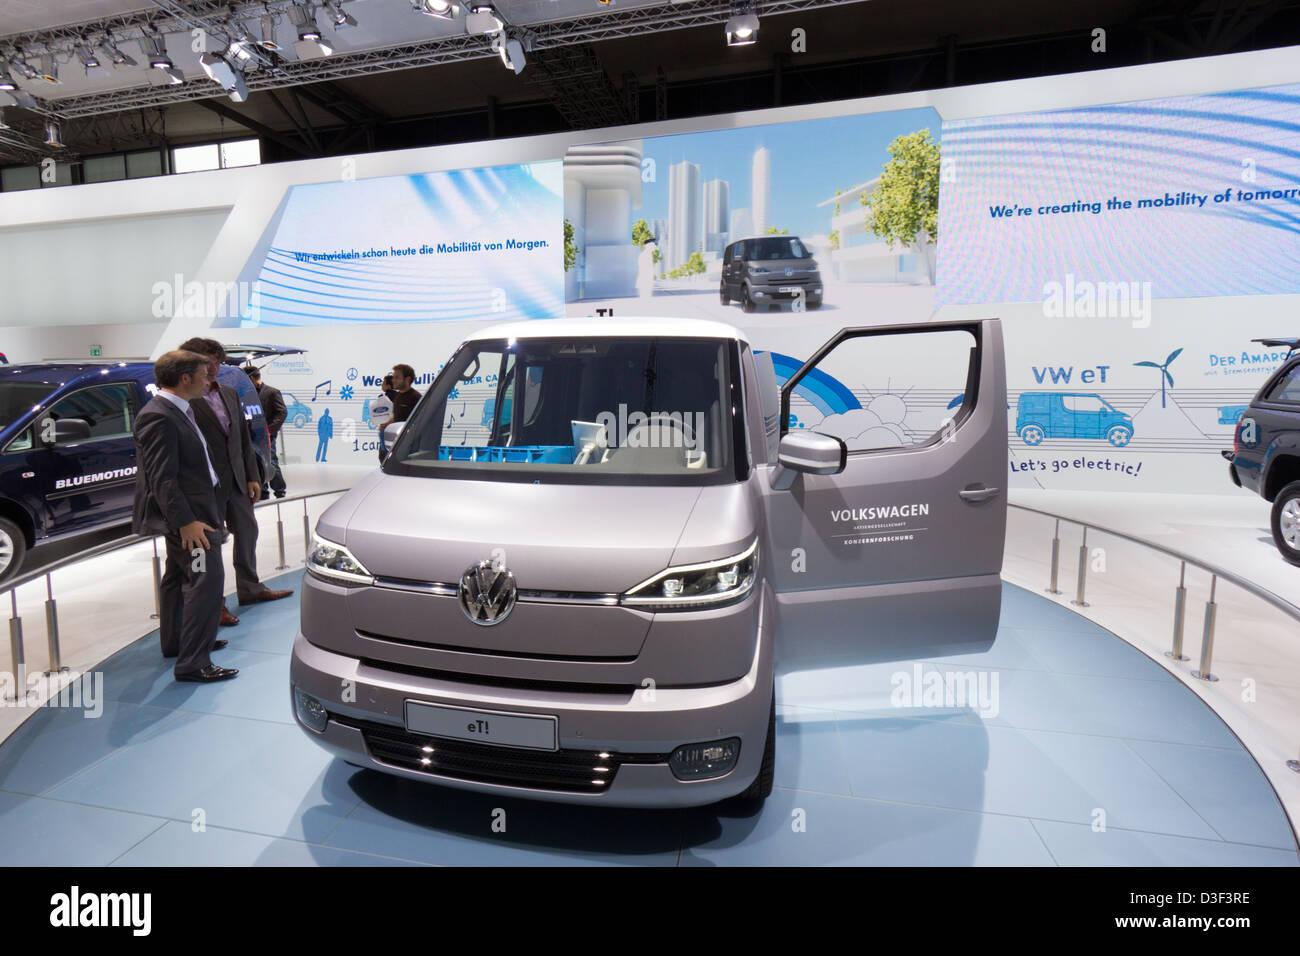 Volkswagen Transporter Stock Photos Amp Volkswagen Transporter Stock Images Alamy